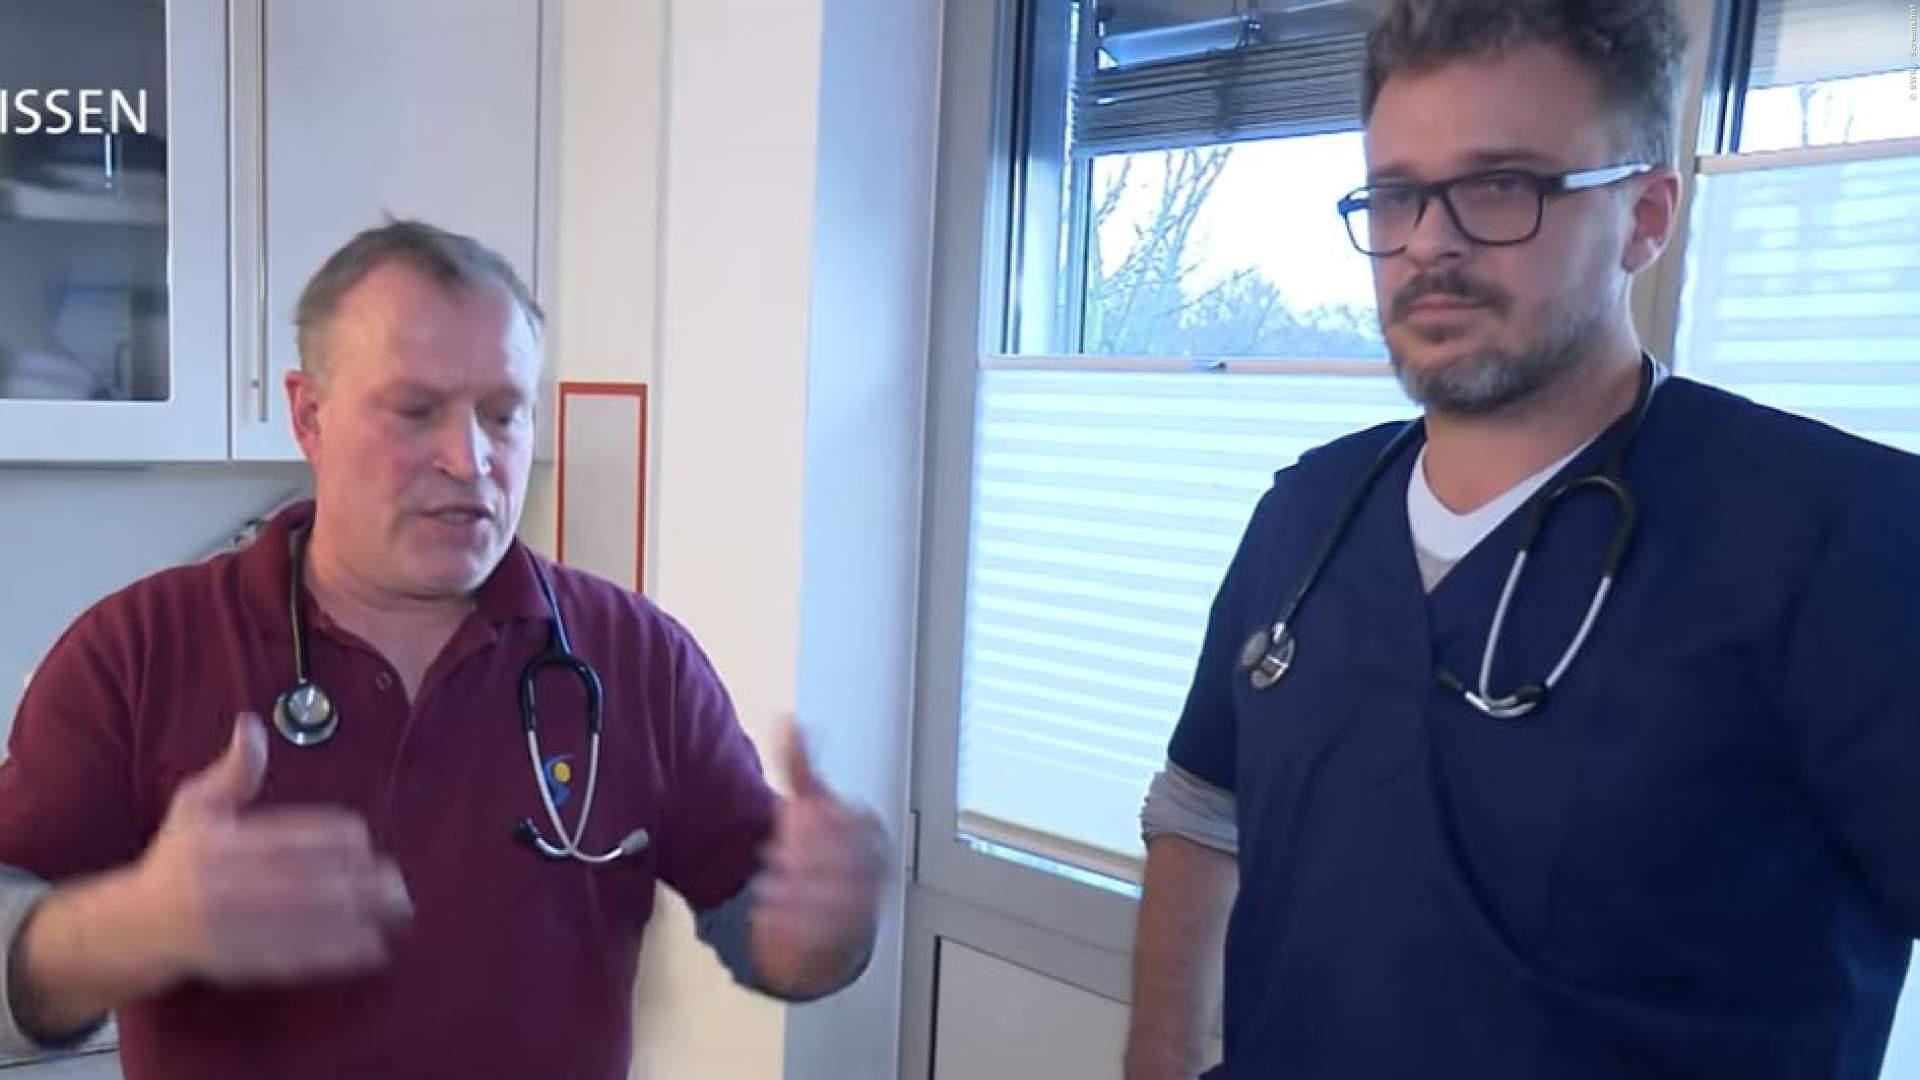 VIDEO: Das passiert, wenn du Corona mit schwerem Verlauf hast